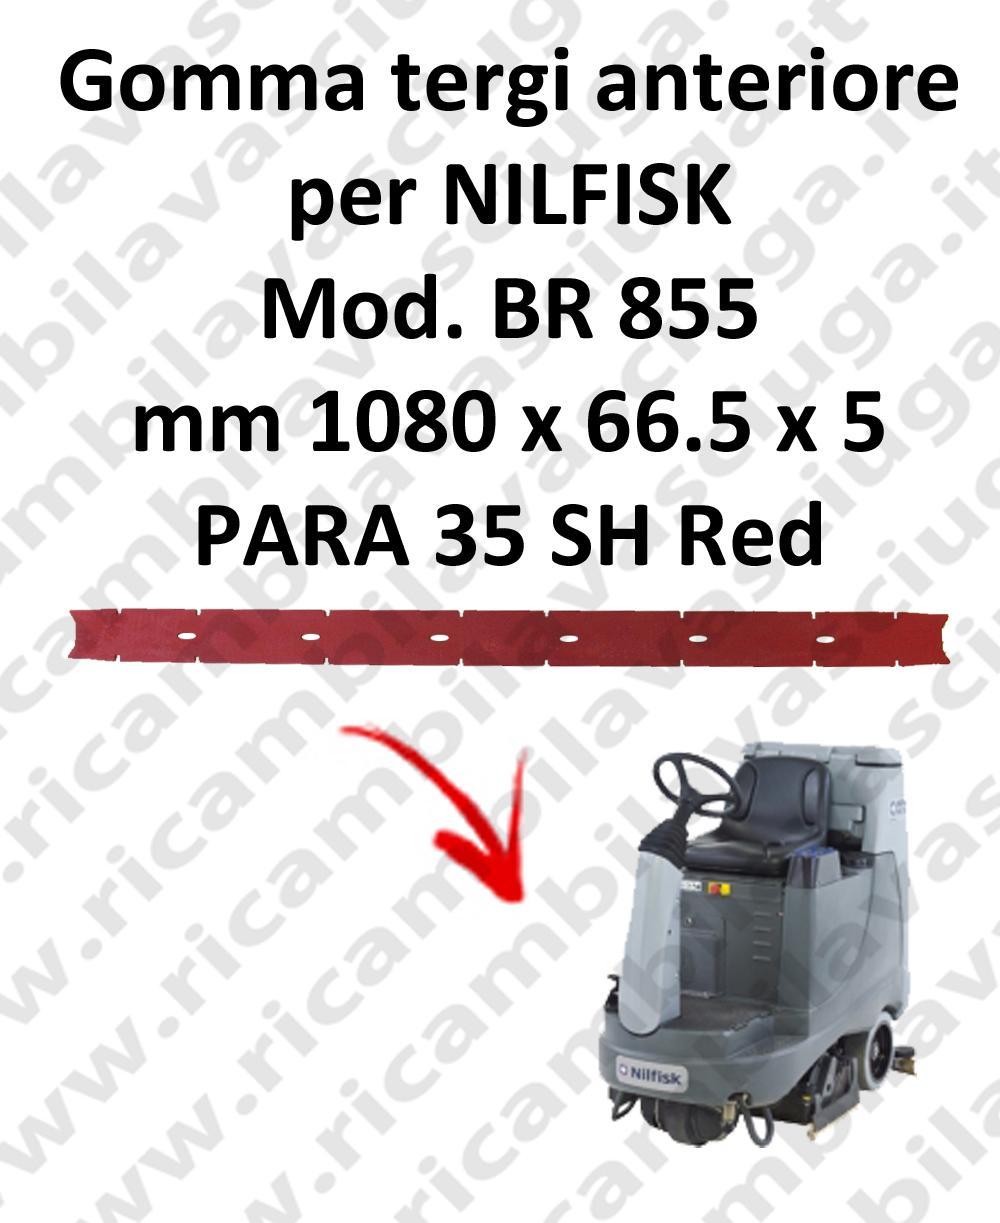 Gomma tergi anteriore per lavapavimenti NILFISK modello BR 855